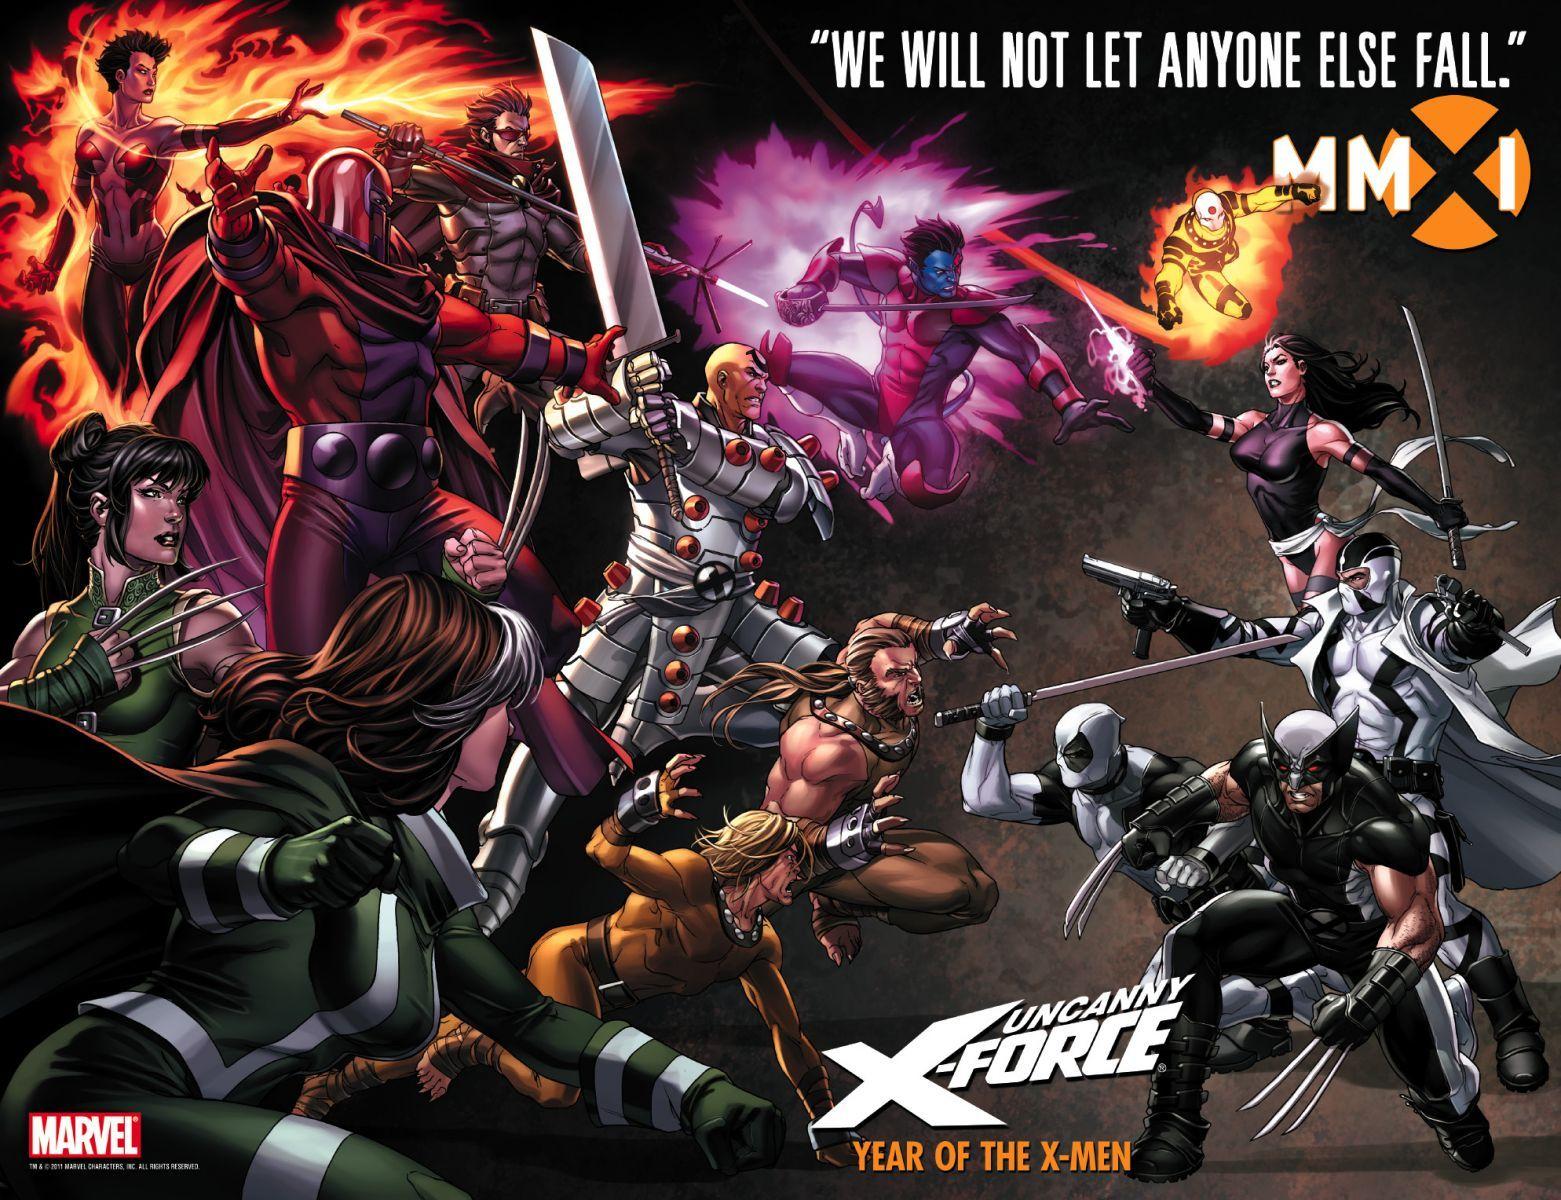 Uncanny X-Force (Psylocke, Archangel, Wolverine, Deadpool